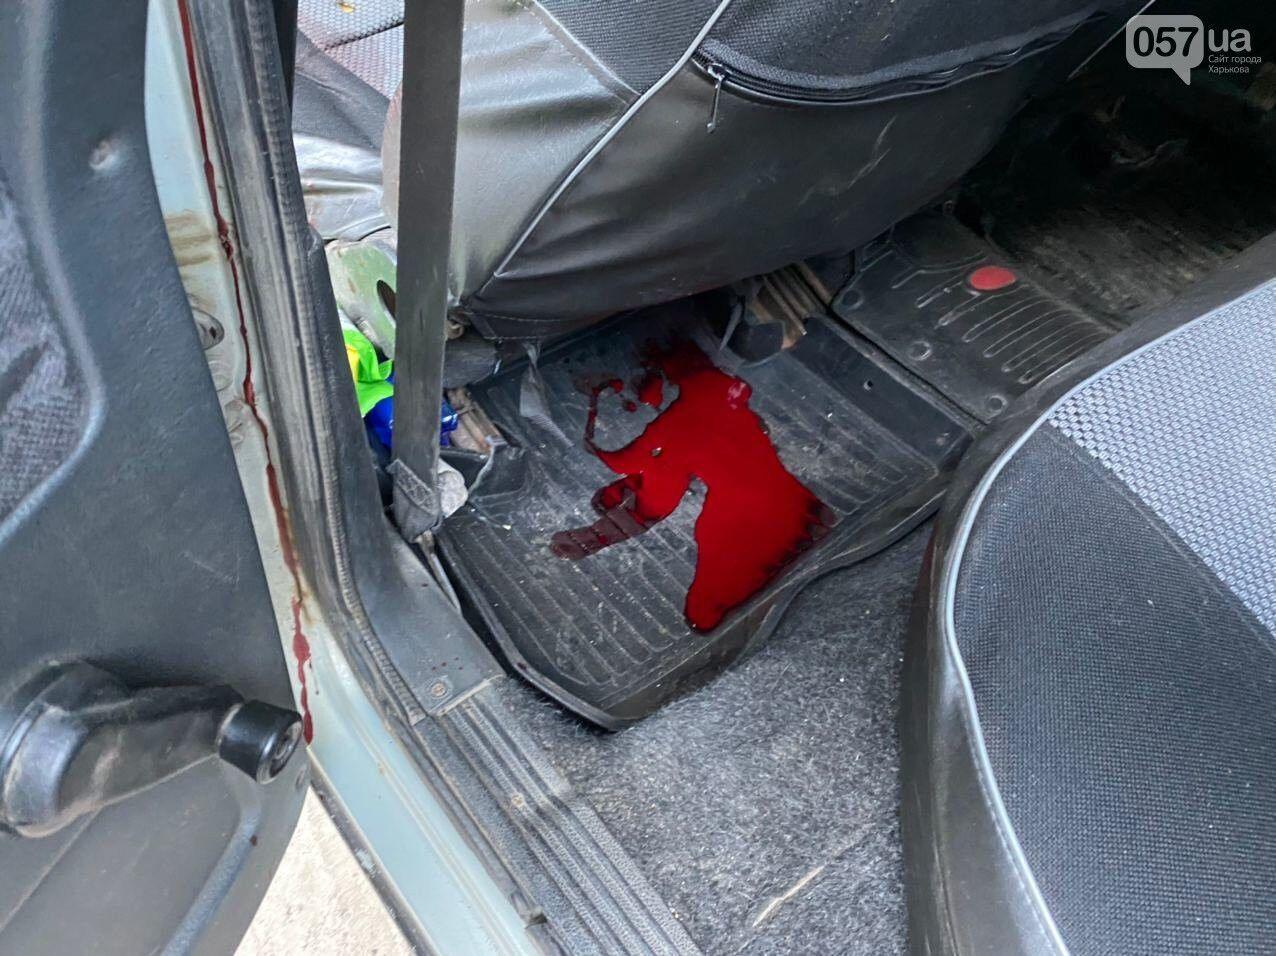 Калюжа крові під водійським сидінням